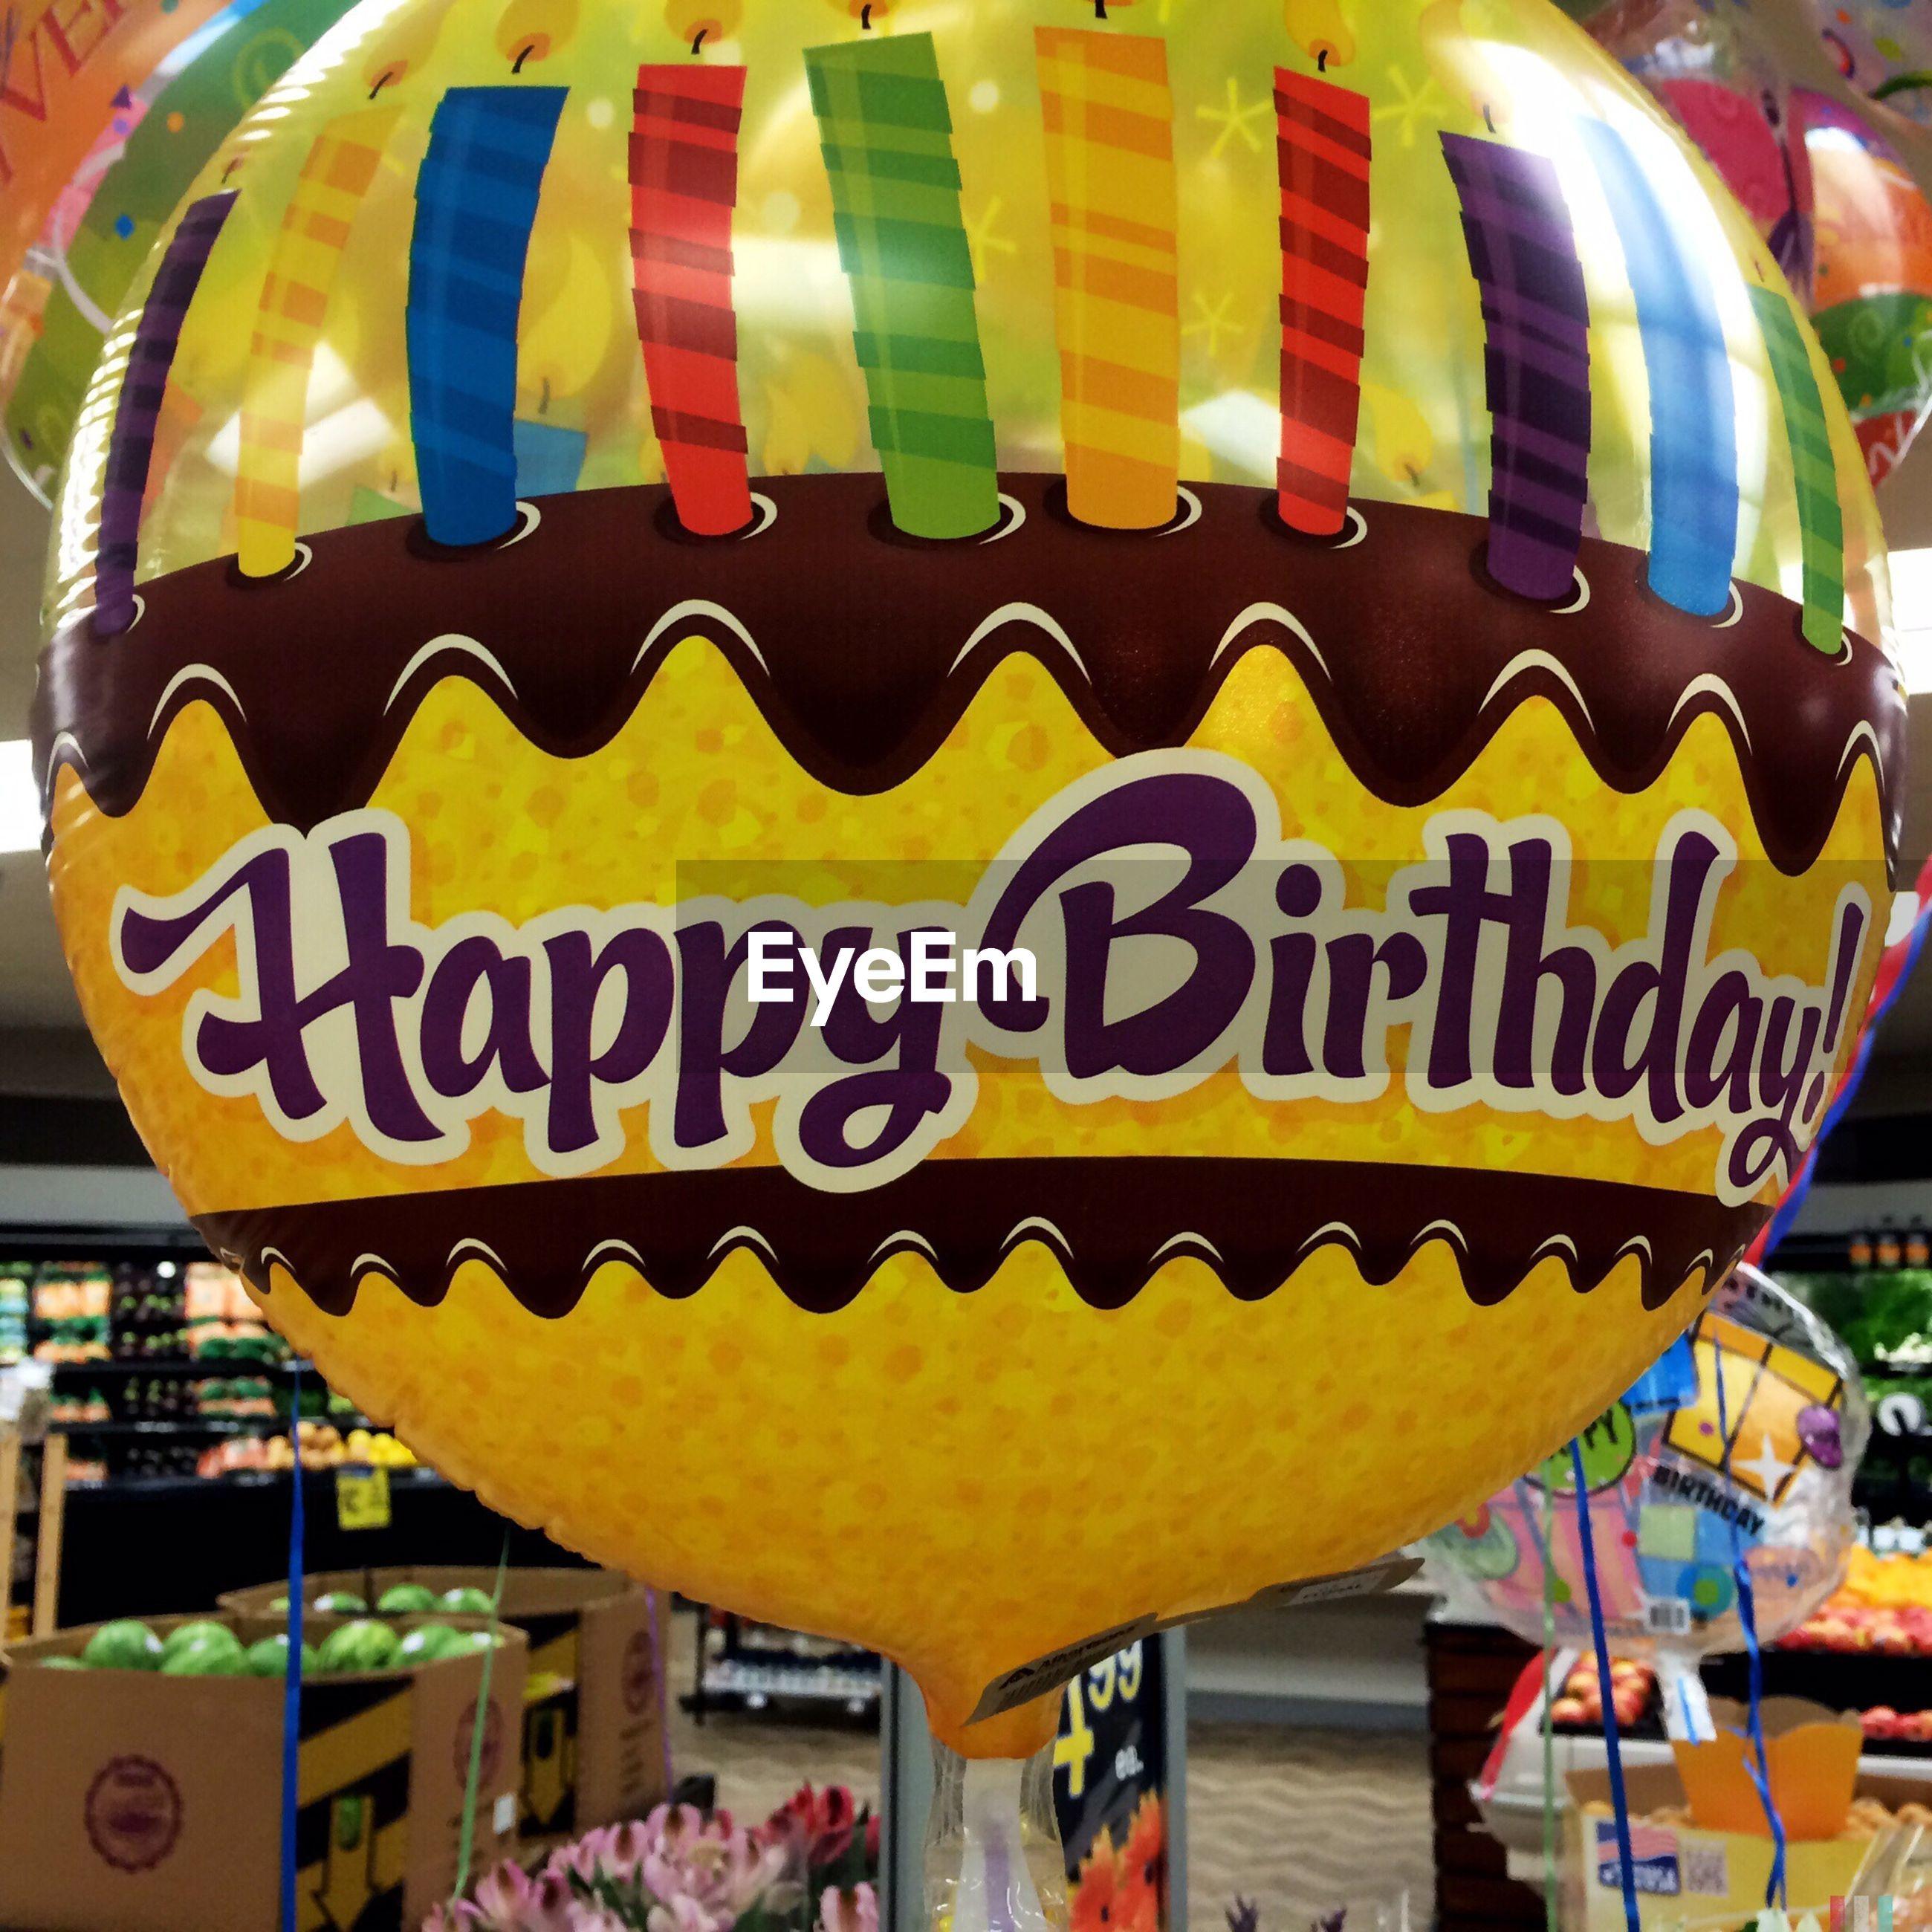 Text on balloon at market stall